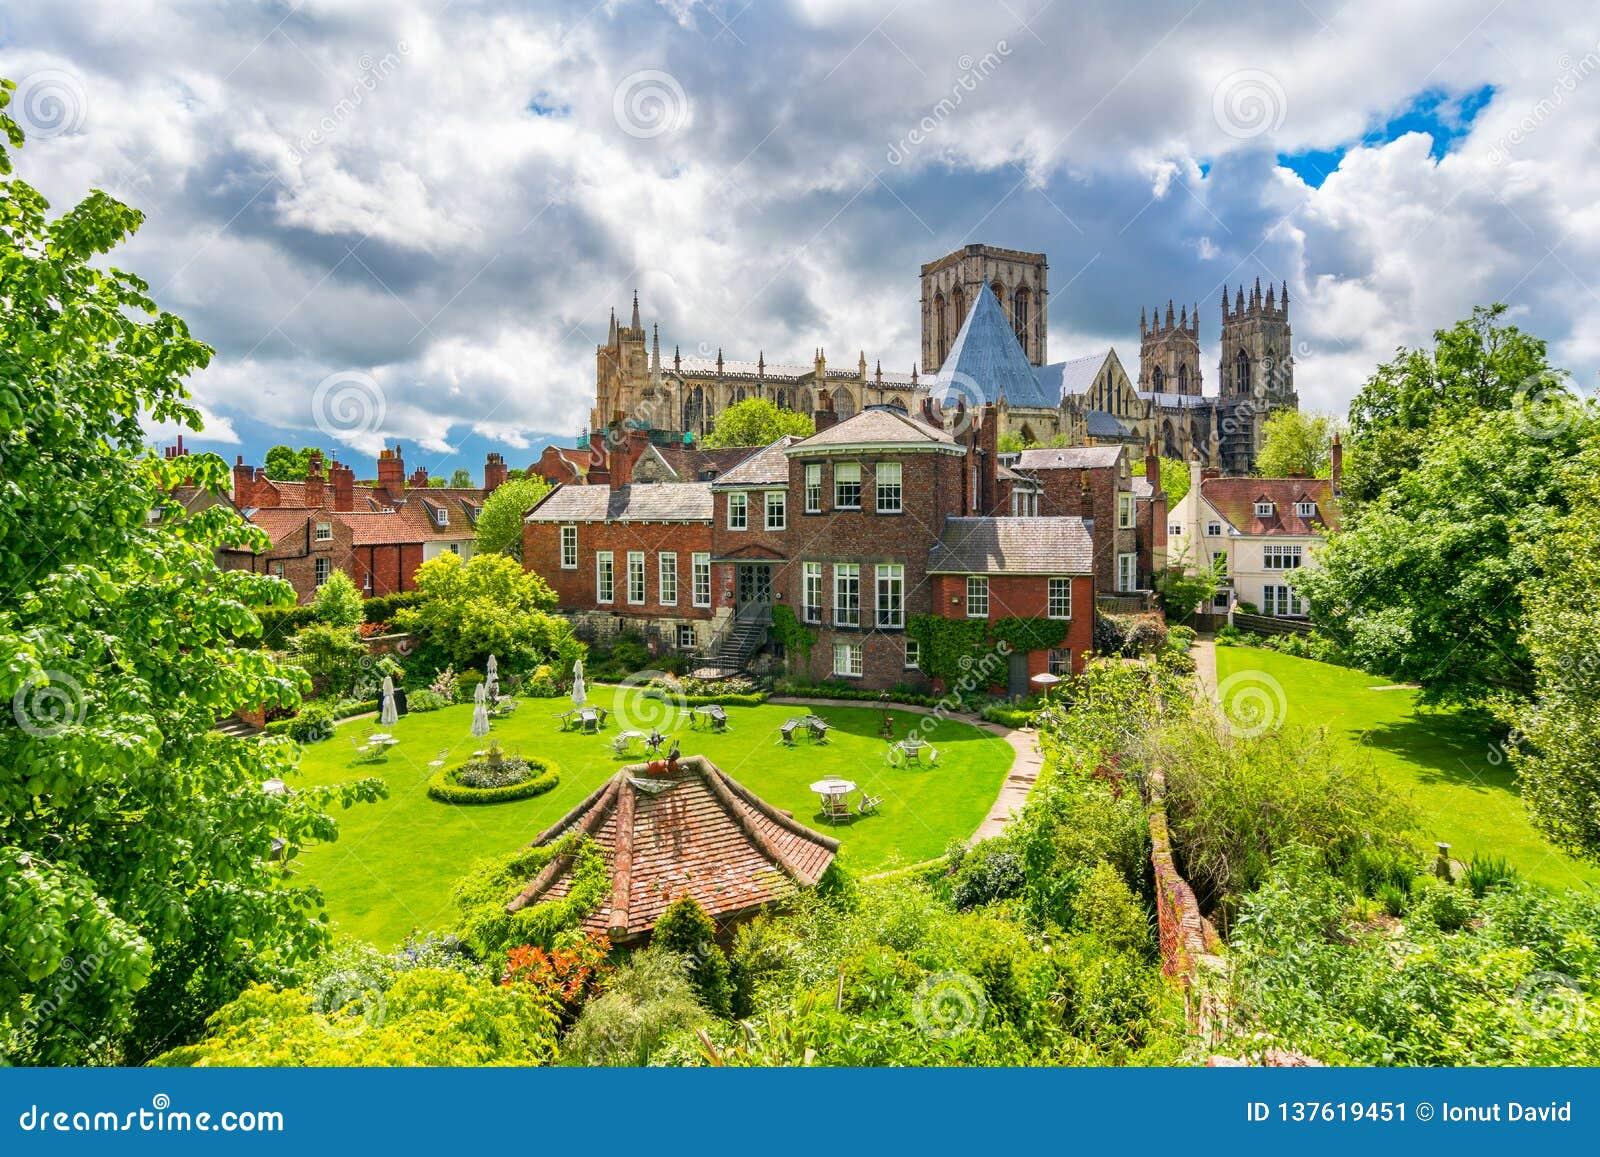 York, Inglaterra, Reino Unido: Iglesia de monasterio de York, una del más grande de su clase en Europa del Norte